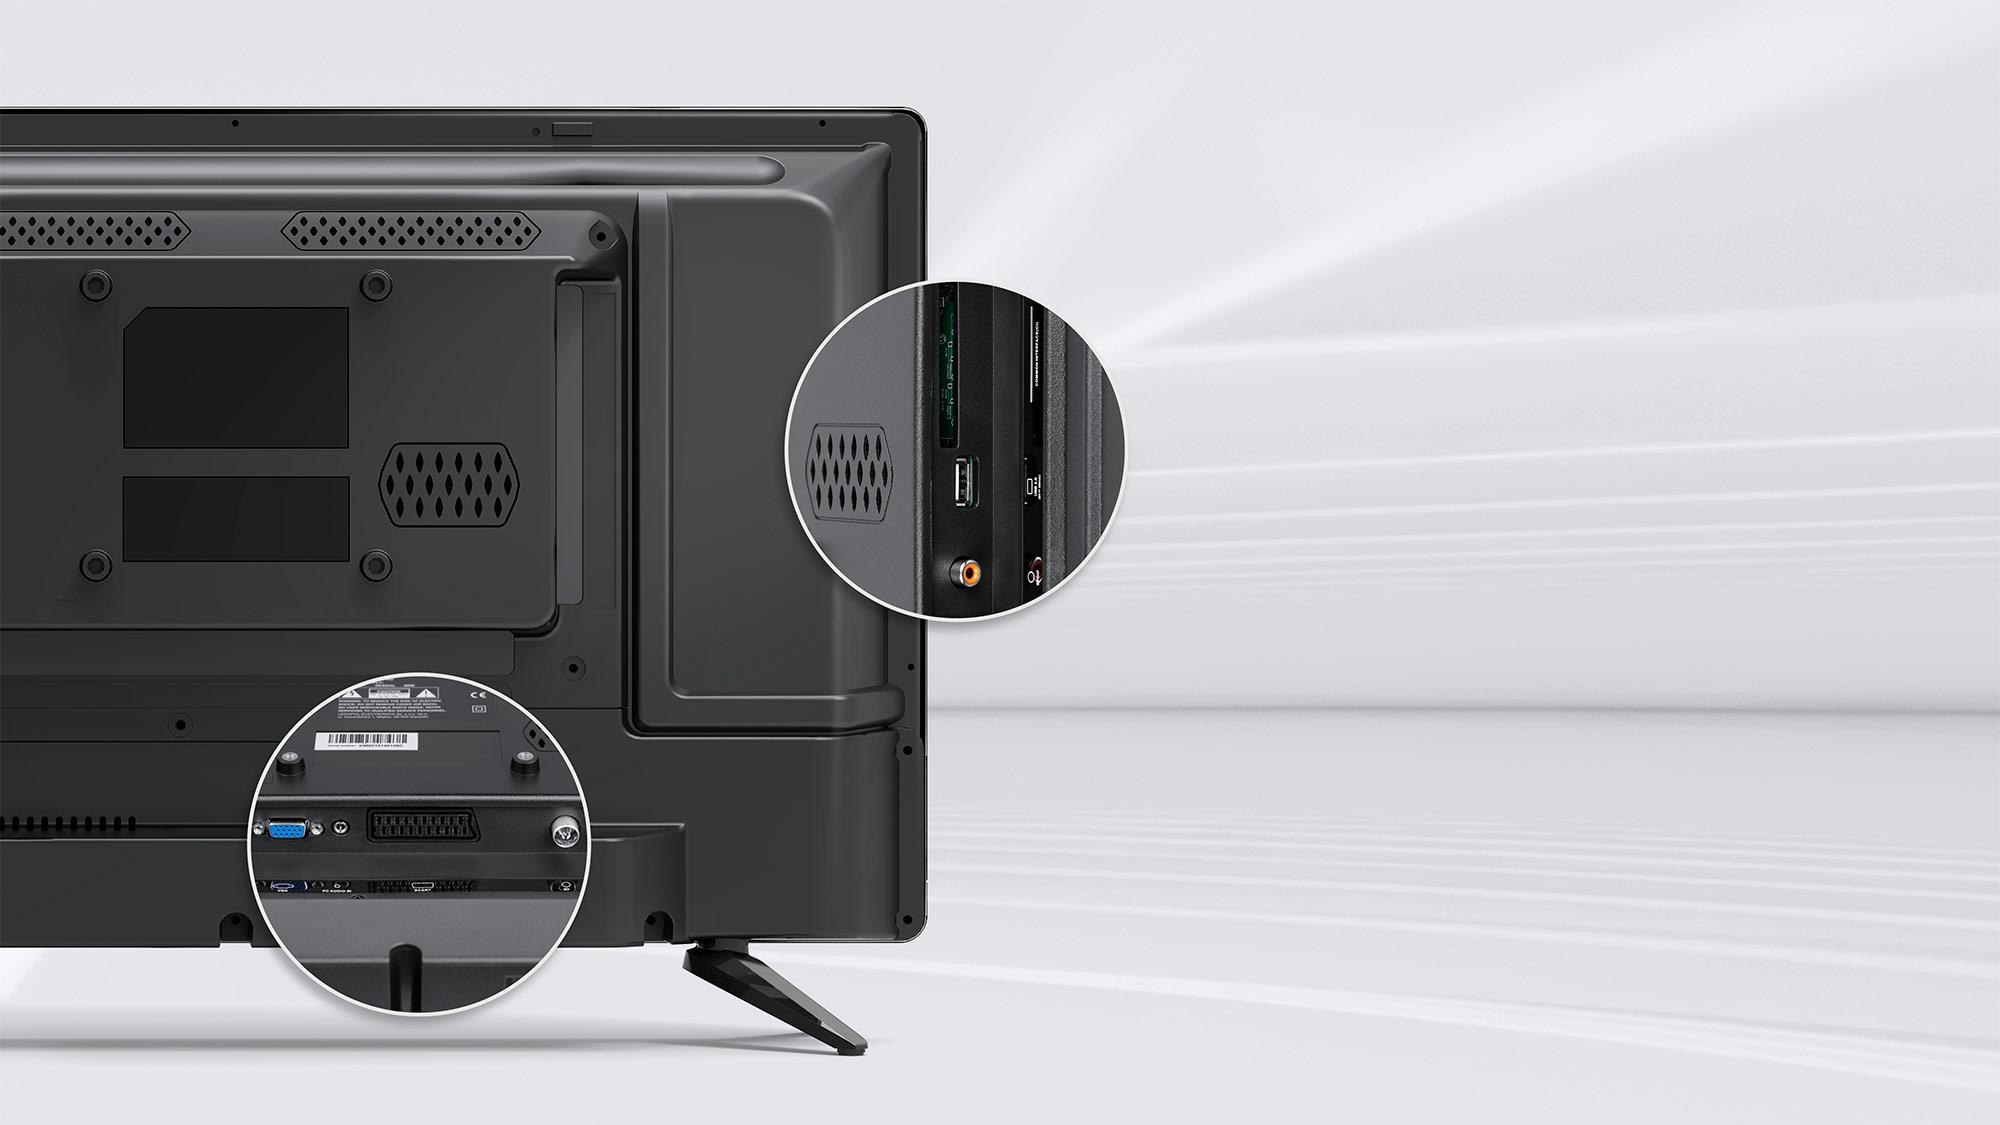 Televiziunea digitala nu iti ajunge? Porturile cu care este dotat televizorul Kruger&Matz extind foarte mult utilitatea dispozitivului. Are, printre altele, port HDMI care garanteaza o buna calitate a imaginii transmise.